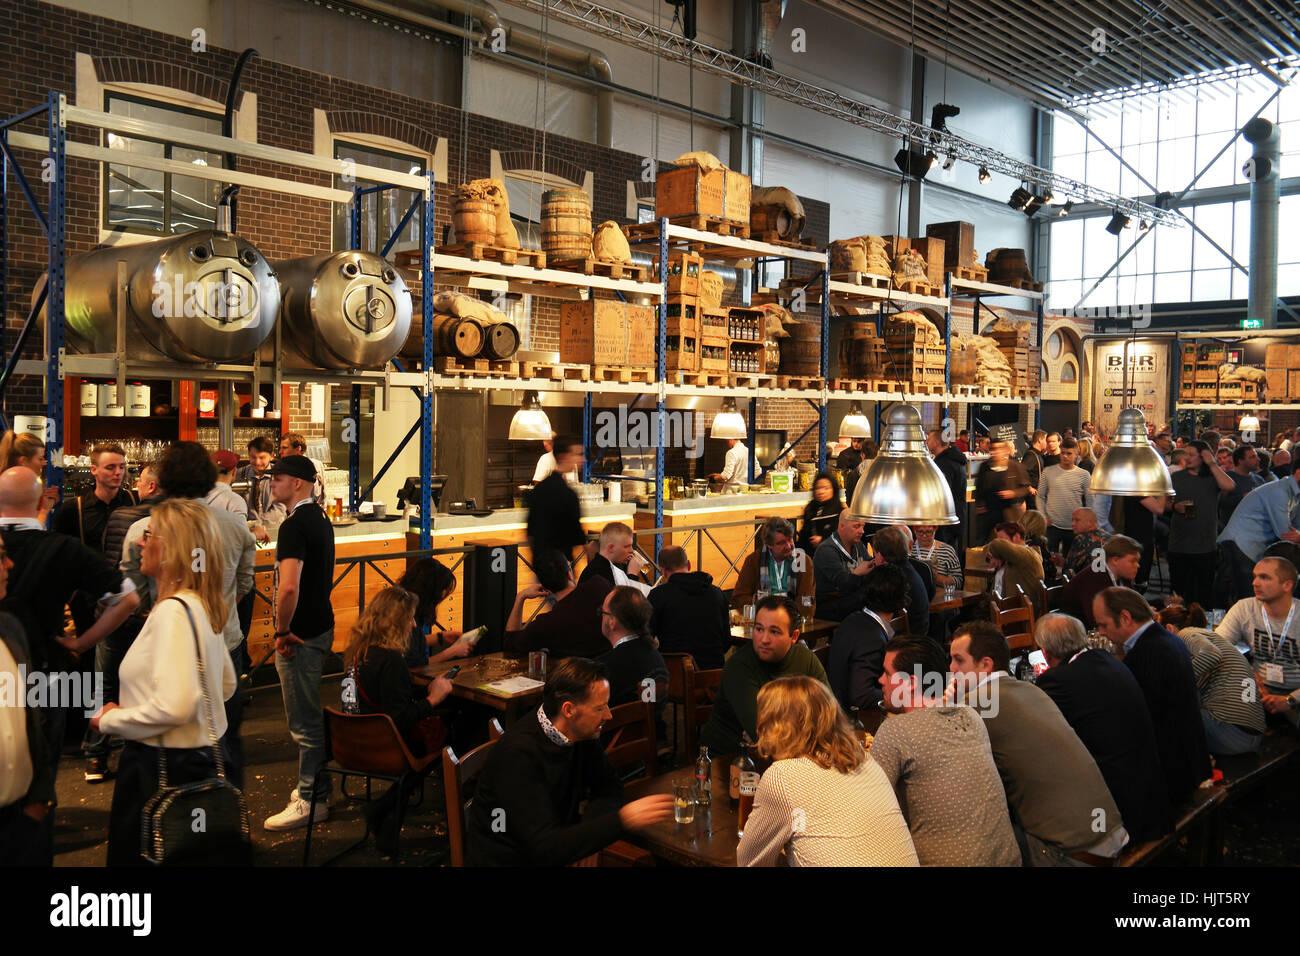 De Bierfabriek su Amsterdam Horecava annuale ospitalità fiera. Immagini Stock